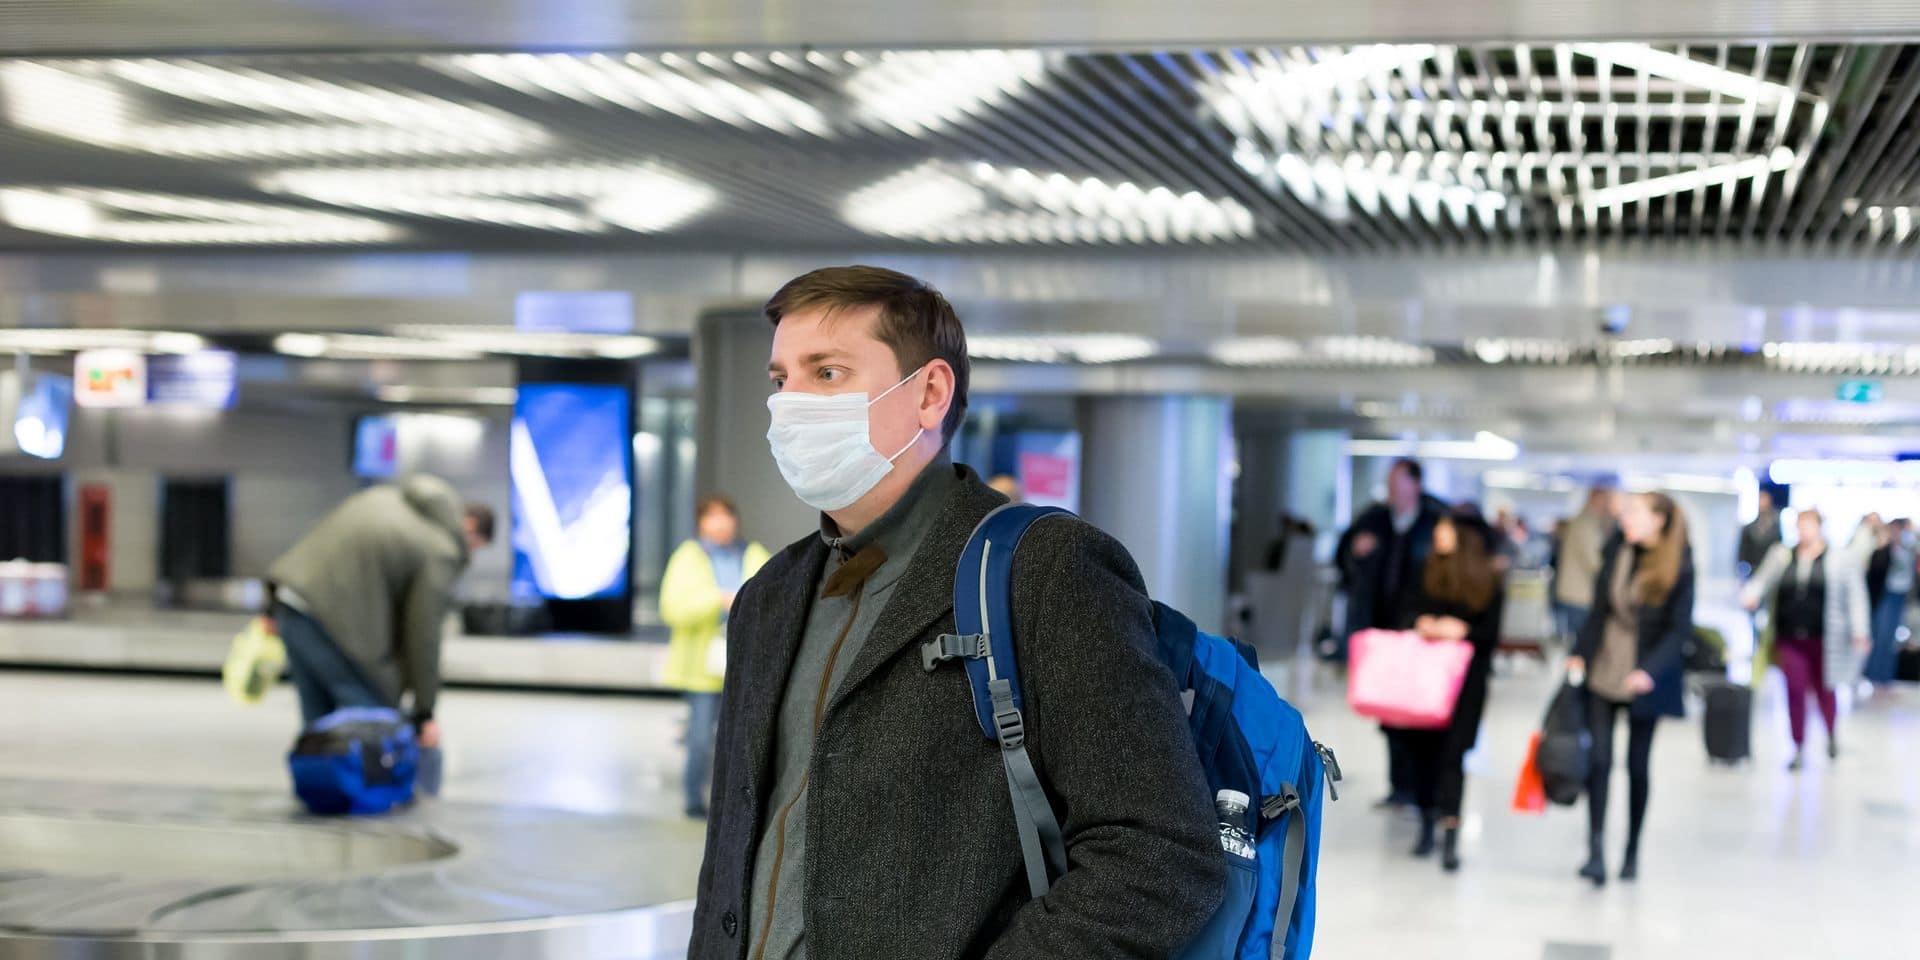 """4% des personnes vulnérables à Bruxelles sont positives au coronavirus: """"le Covid-19 est une menace supplémentaire qui vient s'ajouter à des conditions déjà très pénibles"""""""